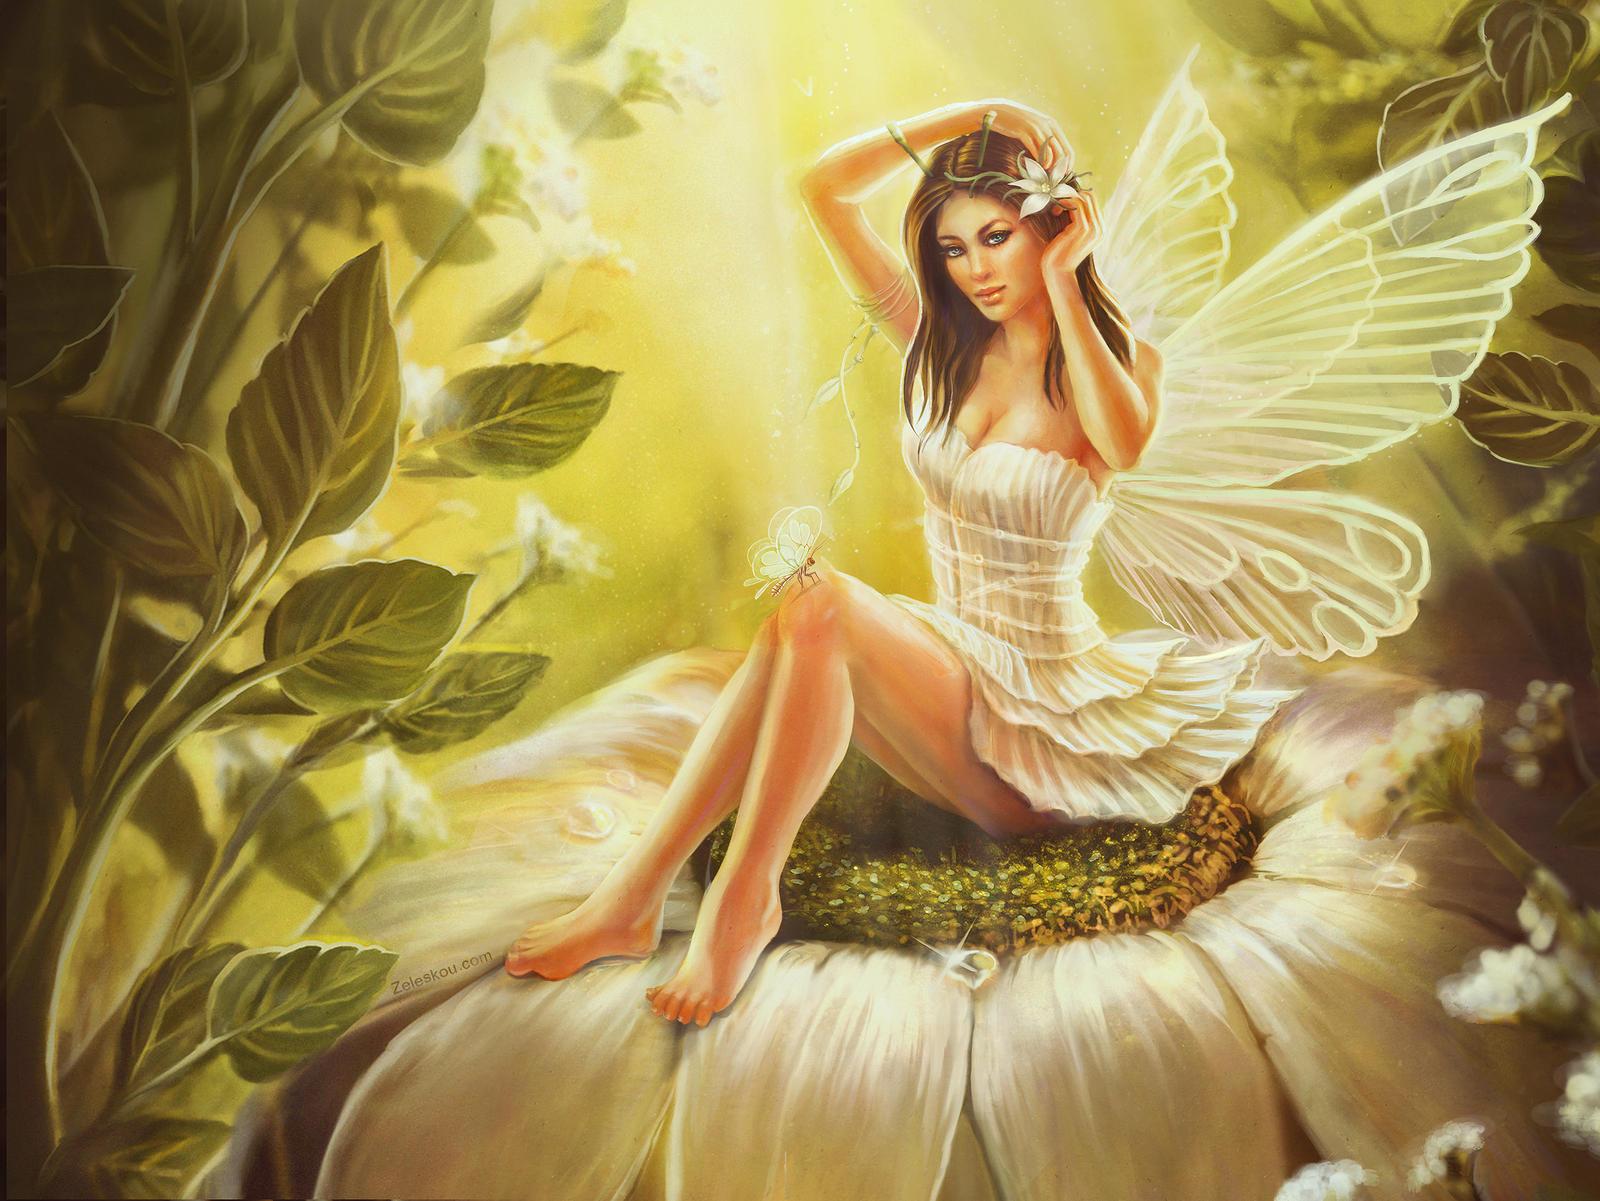 3d fantasy art fairies - photo #43